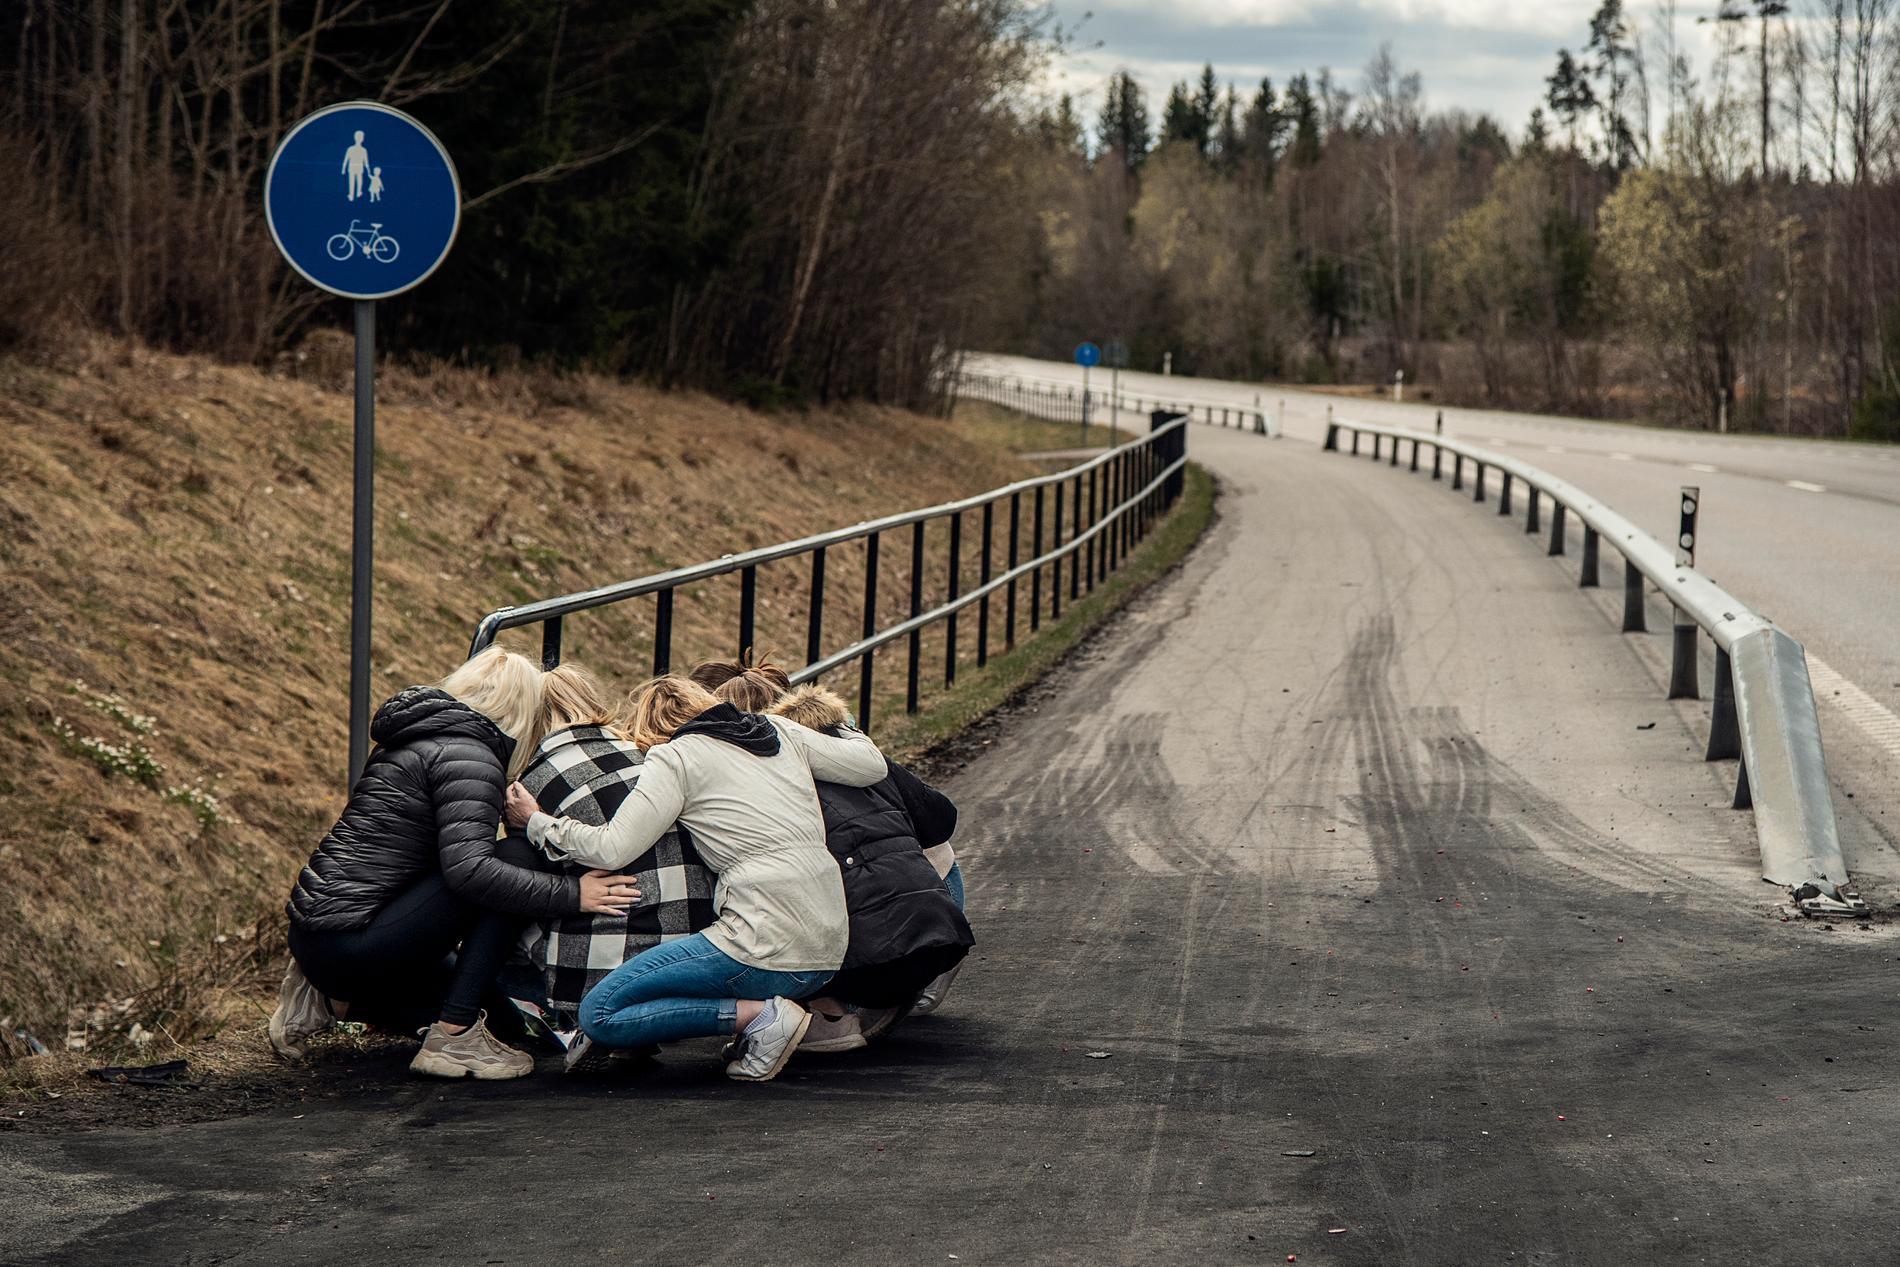 Folk sörjer på olycksplatsen den 25 april 2021. En förare på väg 243 mellan Degerfors och Karlskoga gjorde en omkörning i hög hastighet i höjd med Lervik. Då frontalkolliderade han med en bil där tre personer färdades. Två av dem dog och den tredje kämpar för sitt liv. Mannen i den omkörande bilen omkom.